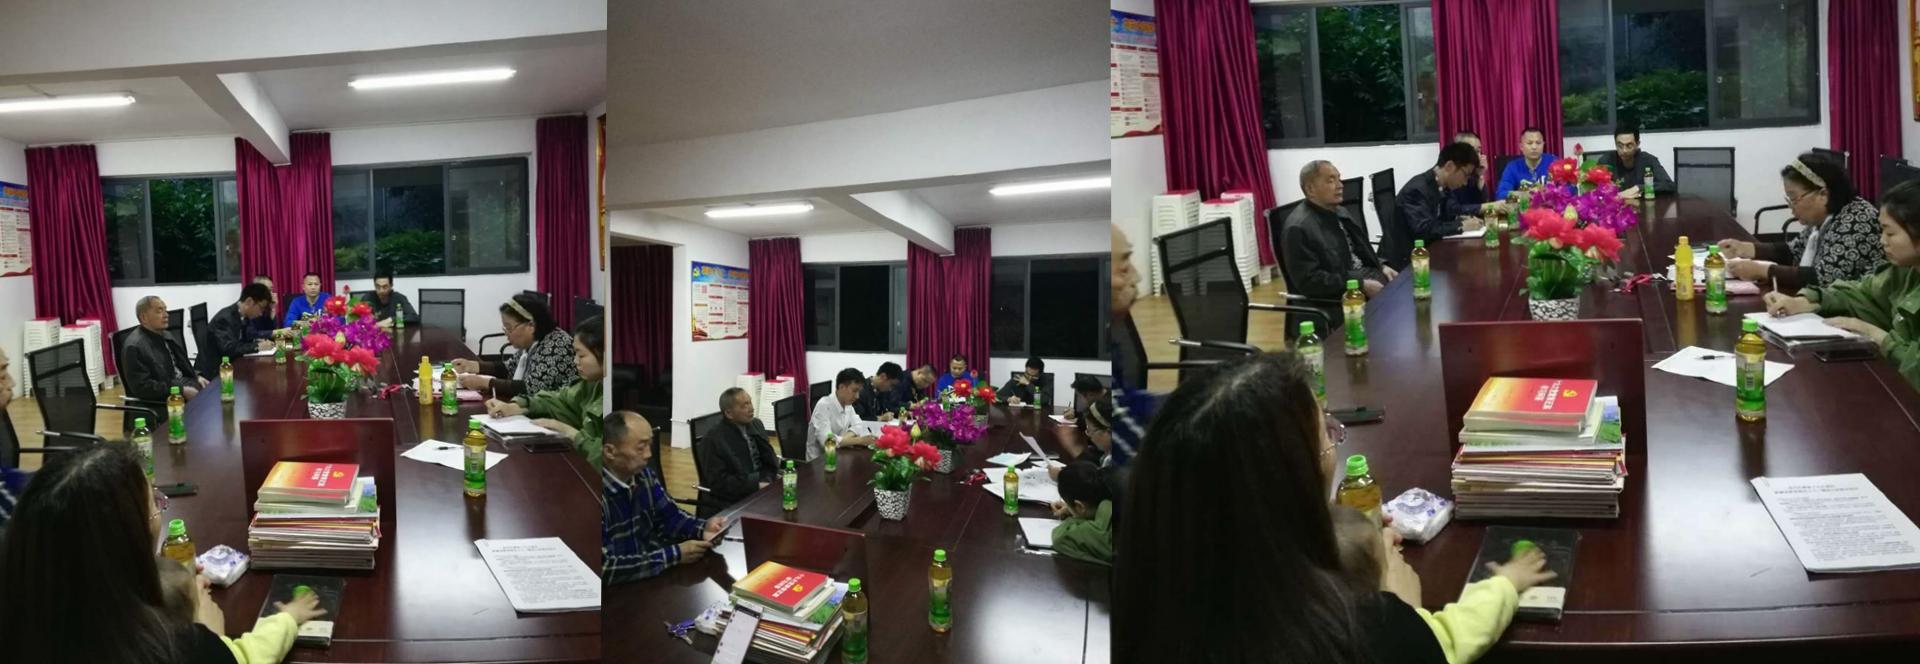 董事长参加党委活动